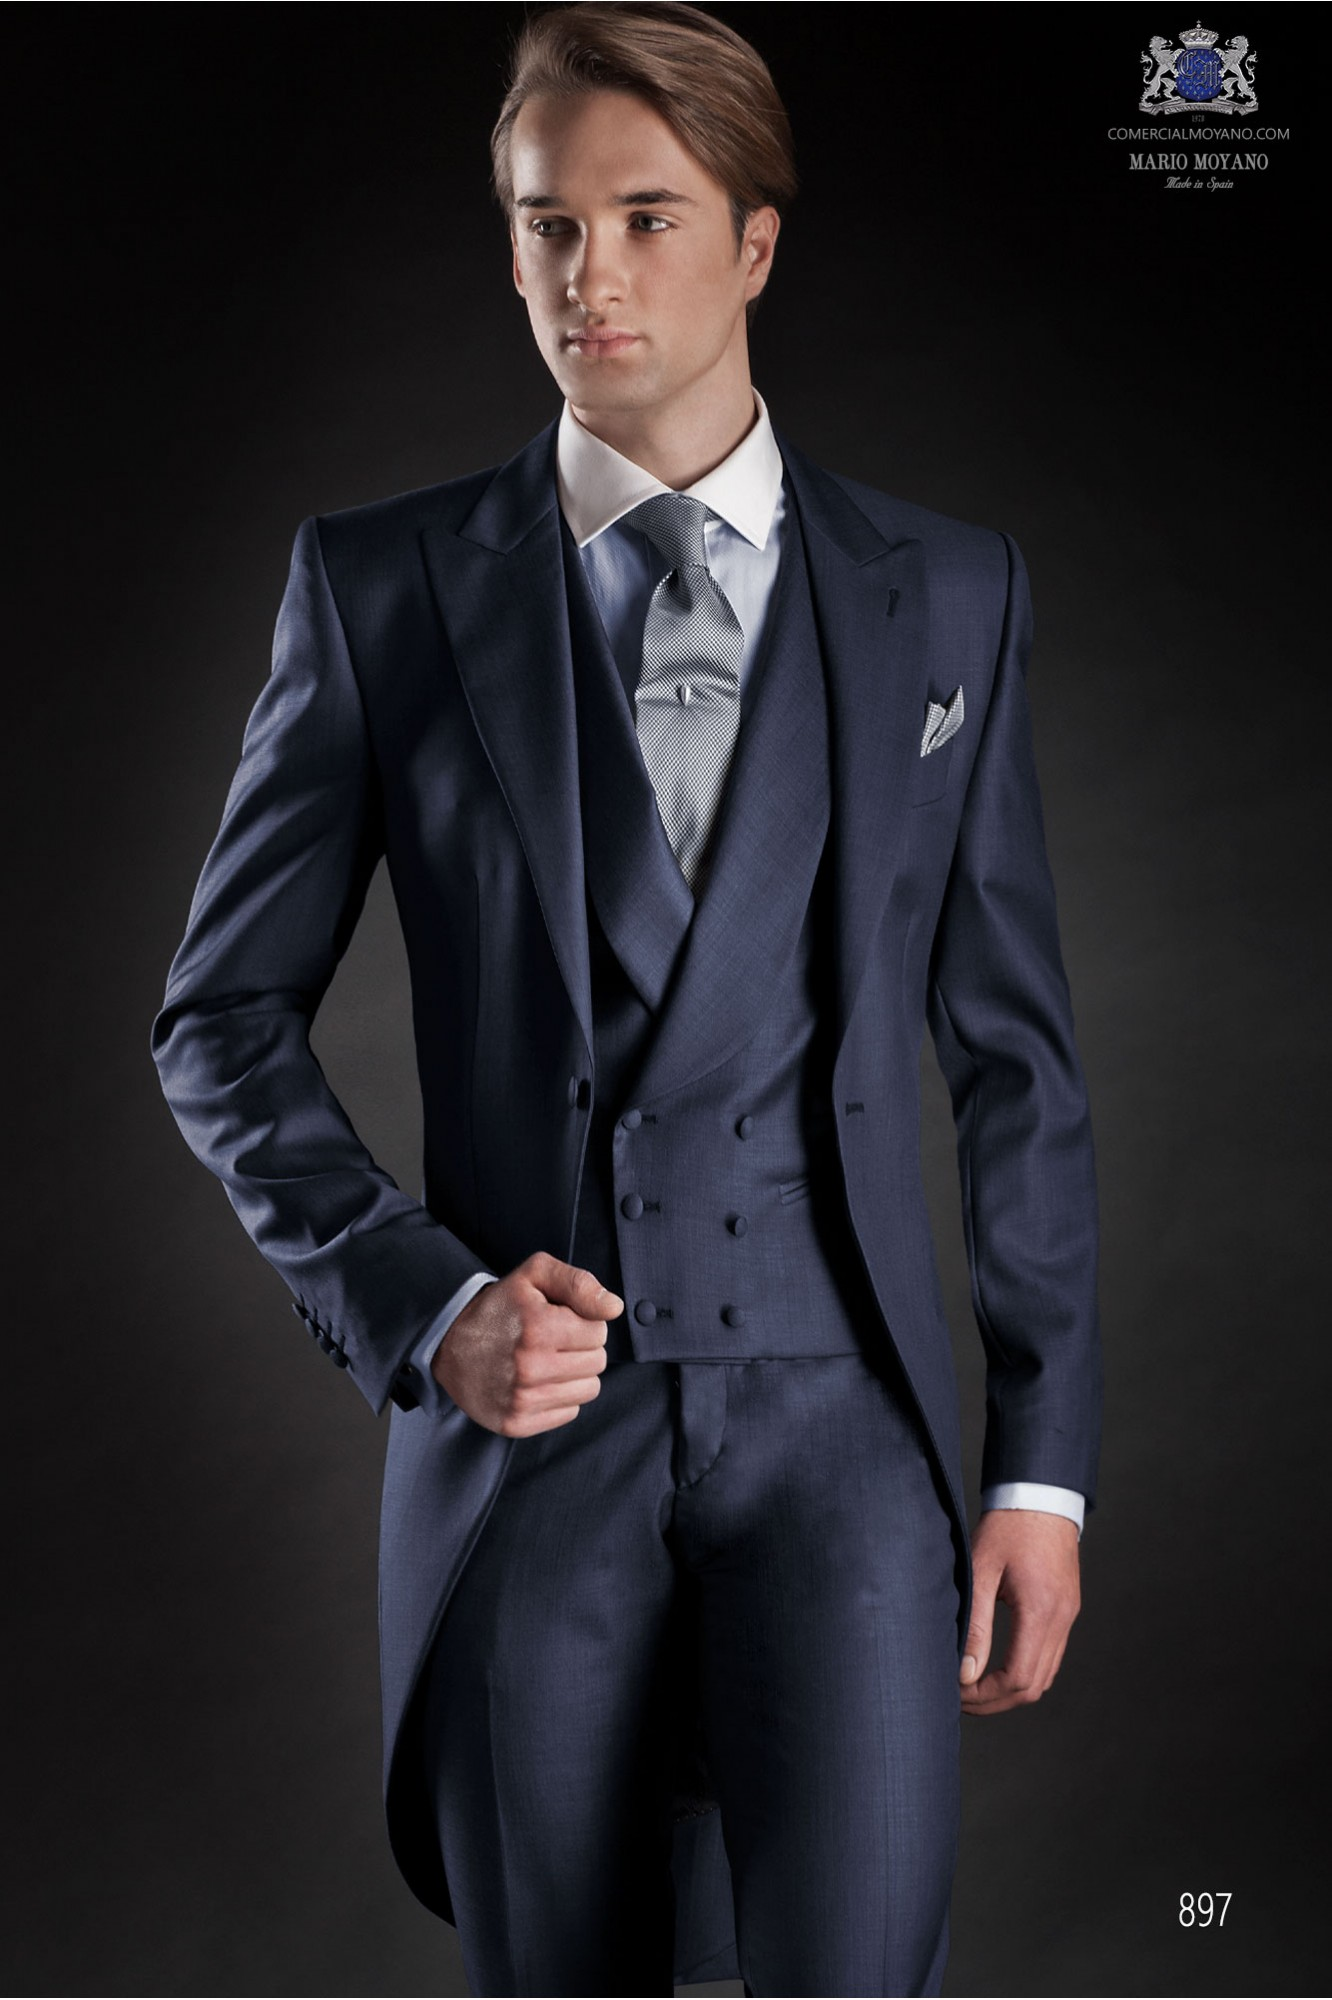 Traje de novio italiano azul modelo: 897 Ottavio Nuccio Gala colección Gentleman